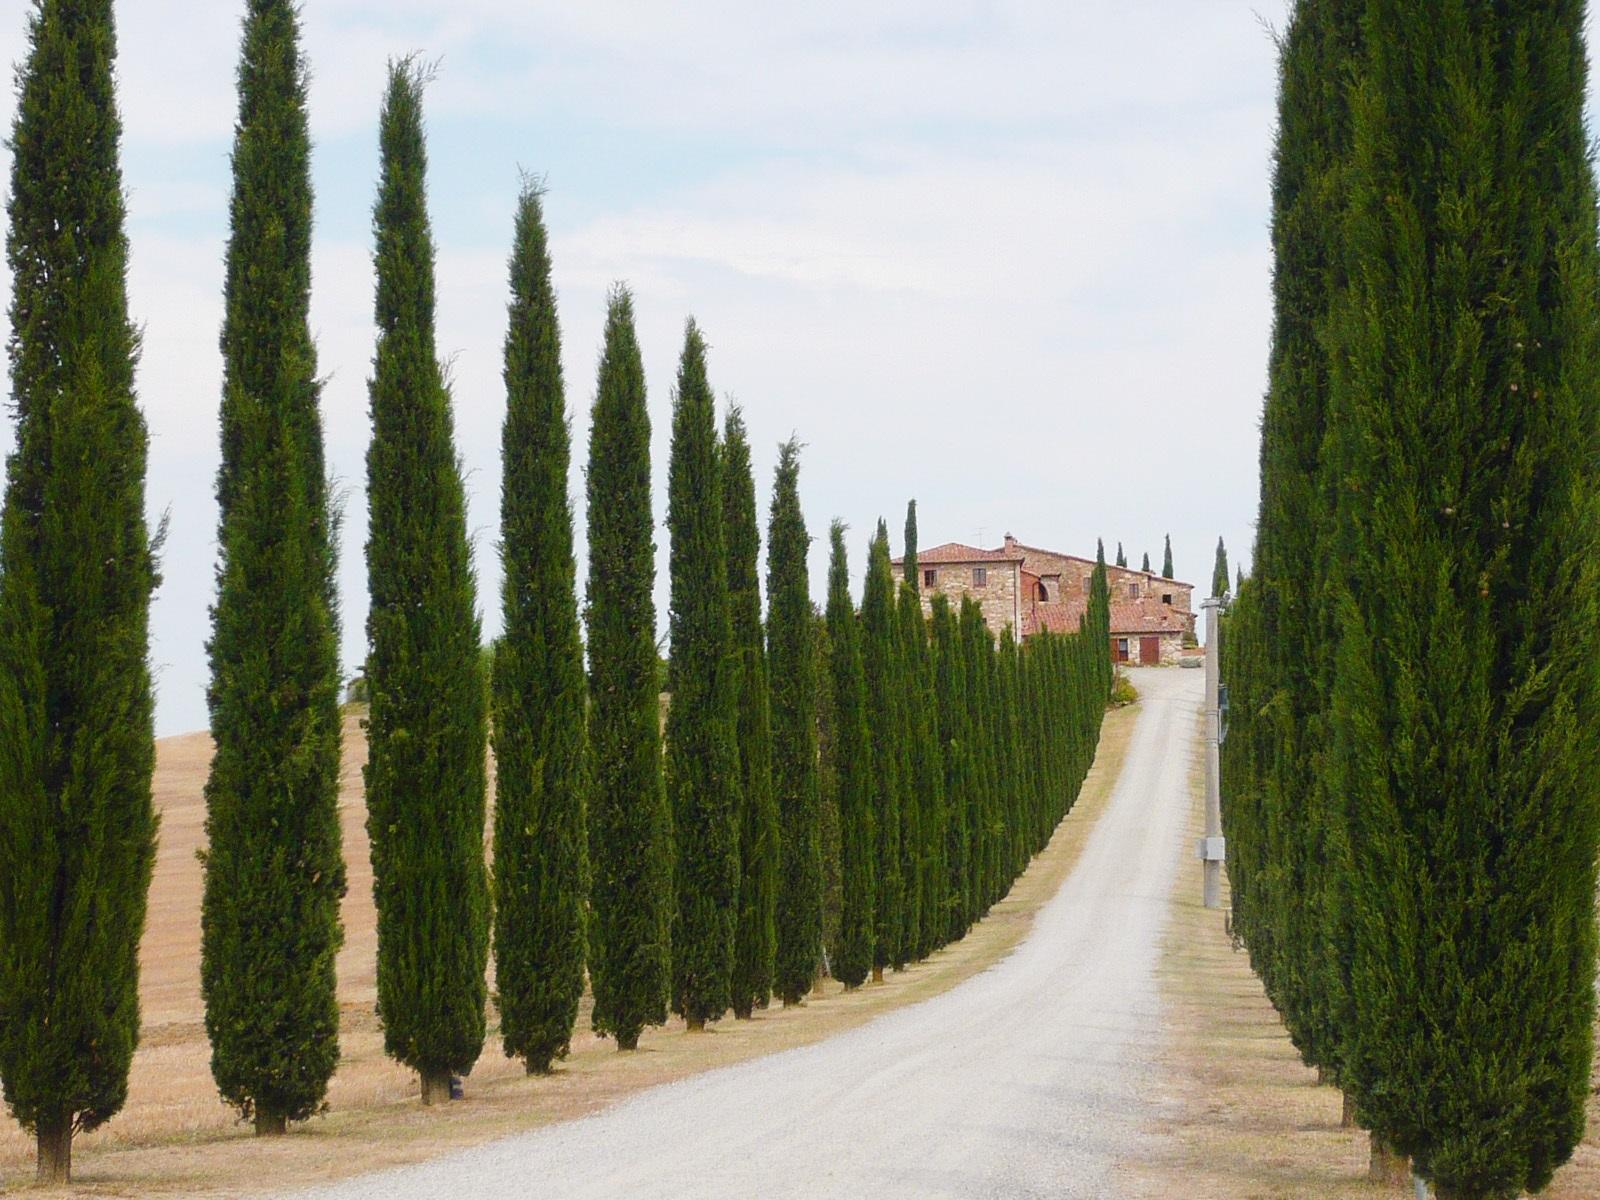 トスカーナ地方は観光名所が盛りだくさん!ワインの産地でもあり!